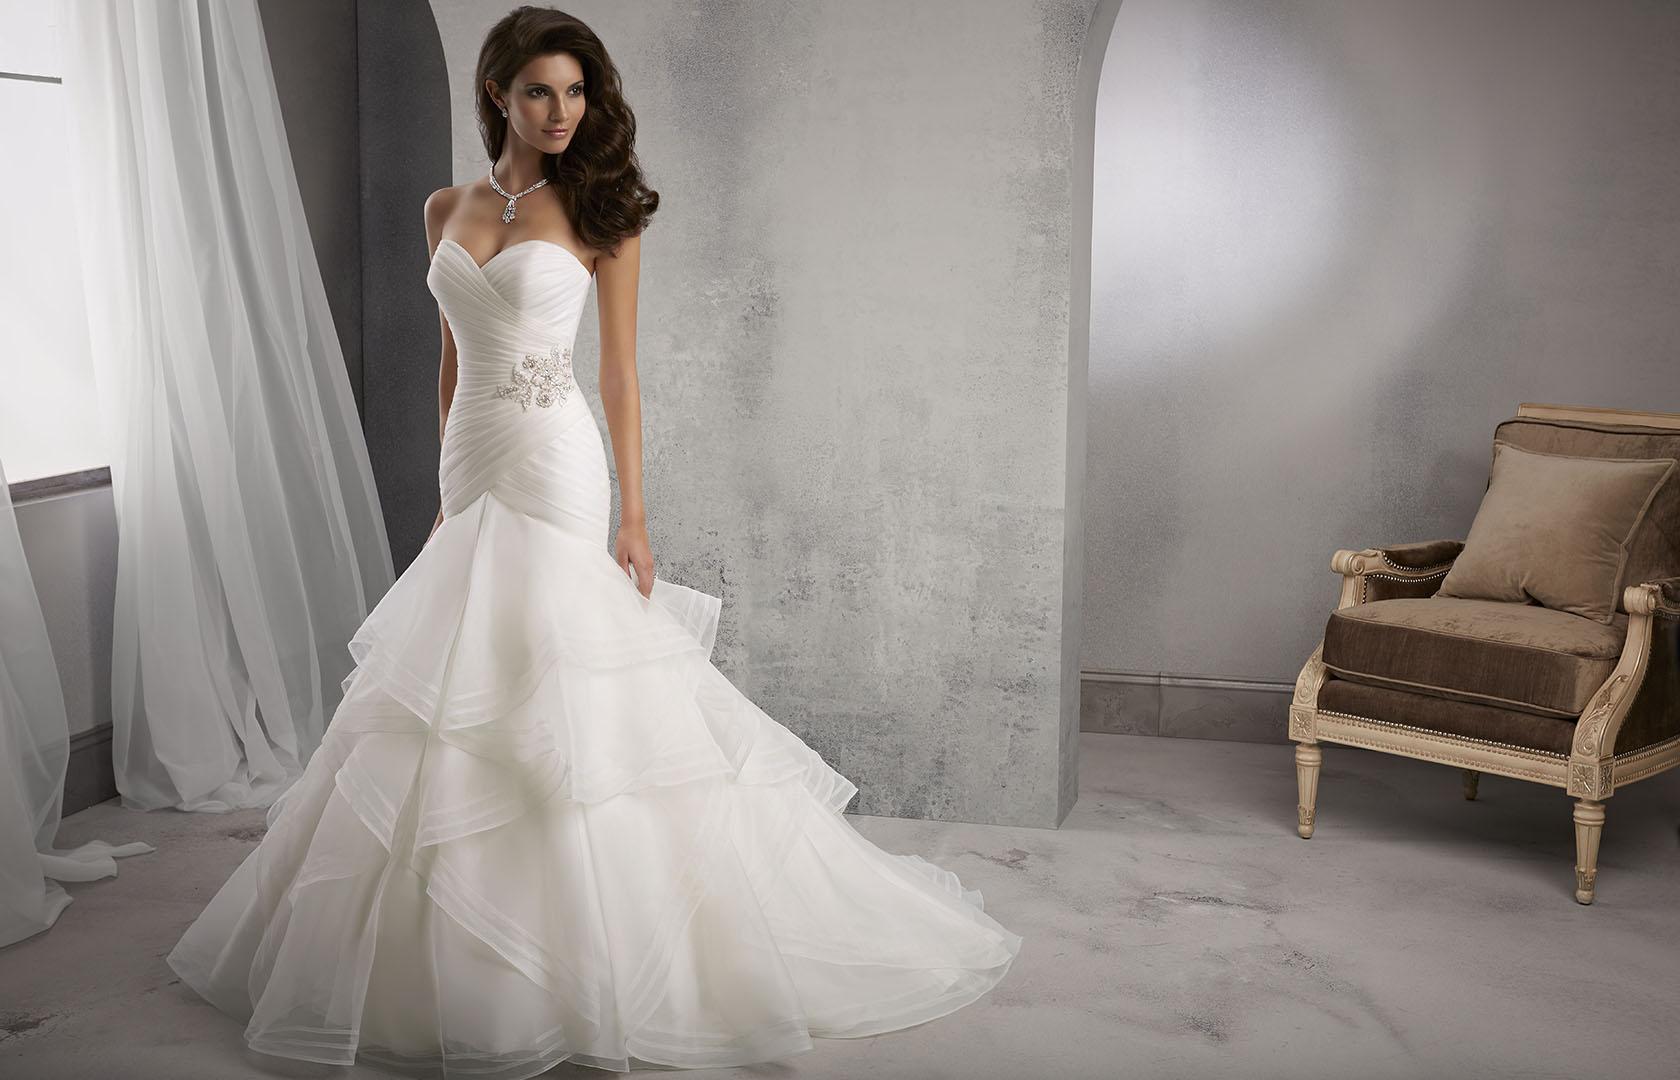 fd74d69bc2 Esküvői ruha szalon, esküvői ruha kölcsönzés, esküvői ruhák ...